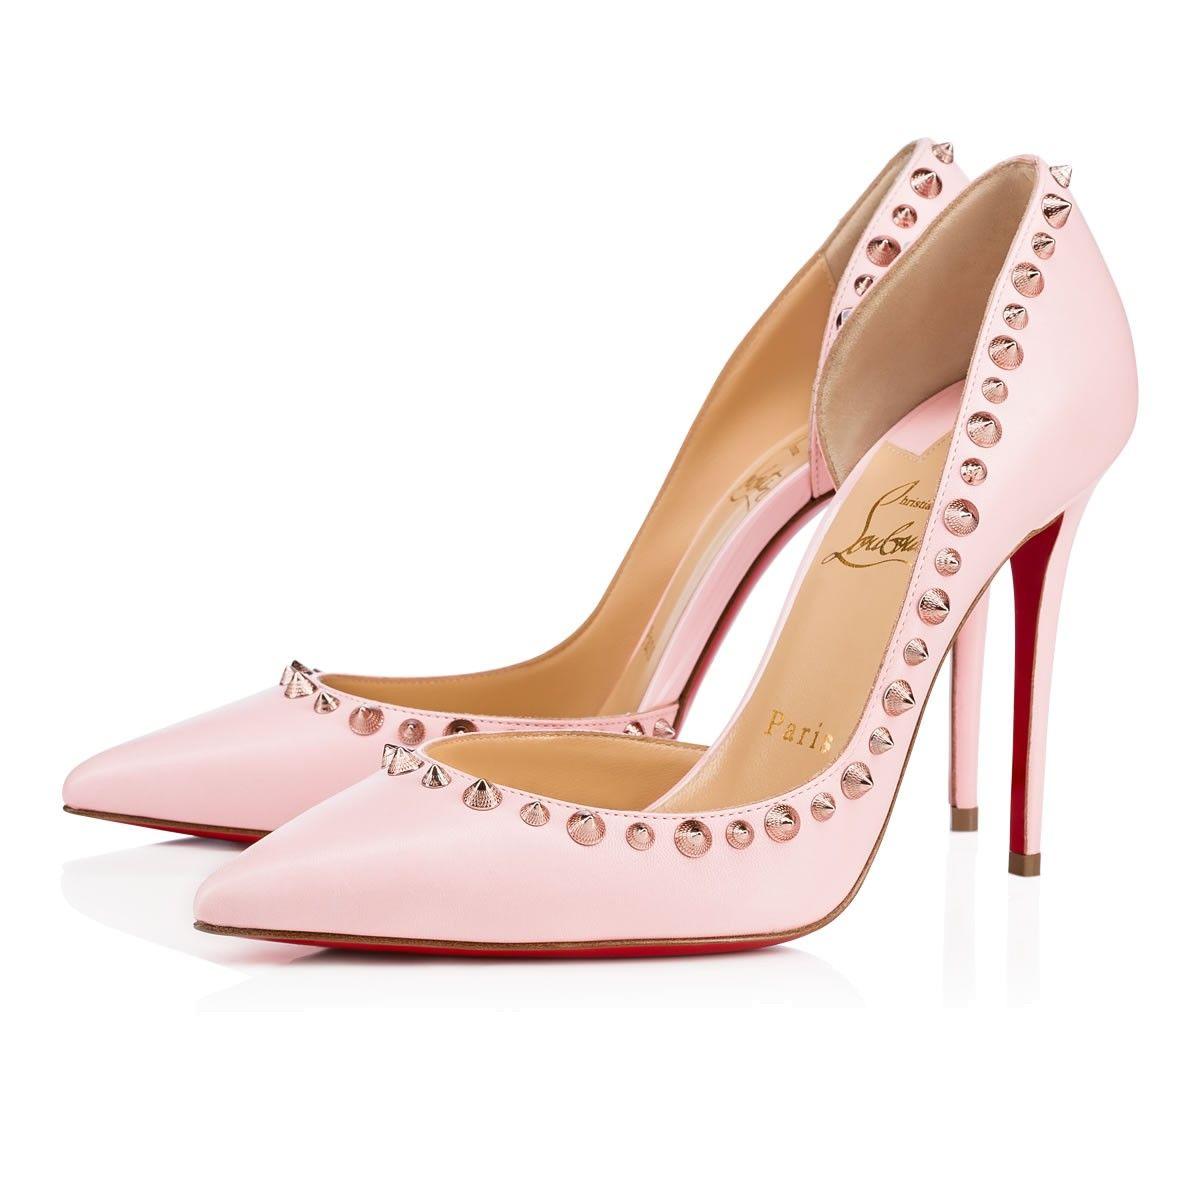 River Island Nude Jewel Embellished Sling Back Court Shoes